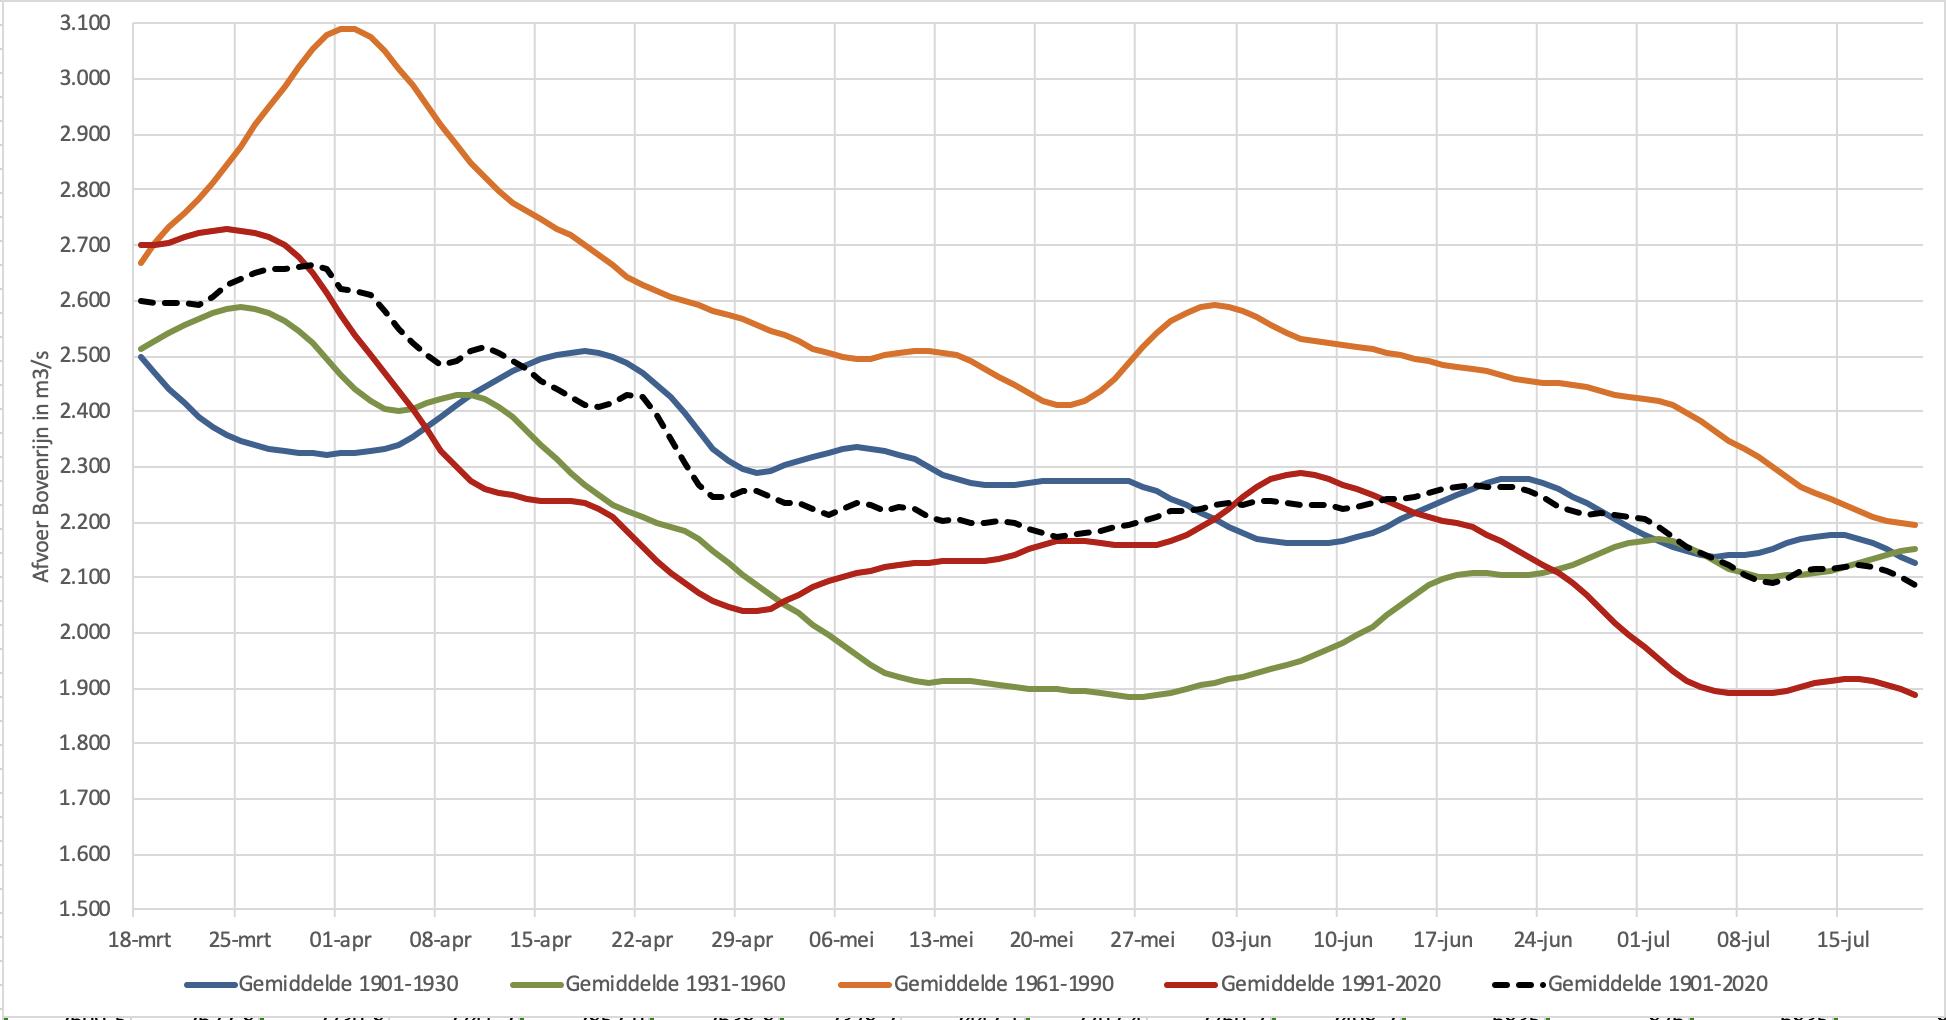 Variatie in de gemiddelde Rijnafvoeren bij Lobith tussen de 30-jarige perioden 1901-1930, 1931-1960, 196101990 en 1991-2020. Ook het gemiddelde over de hele periode is weergegeven.